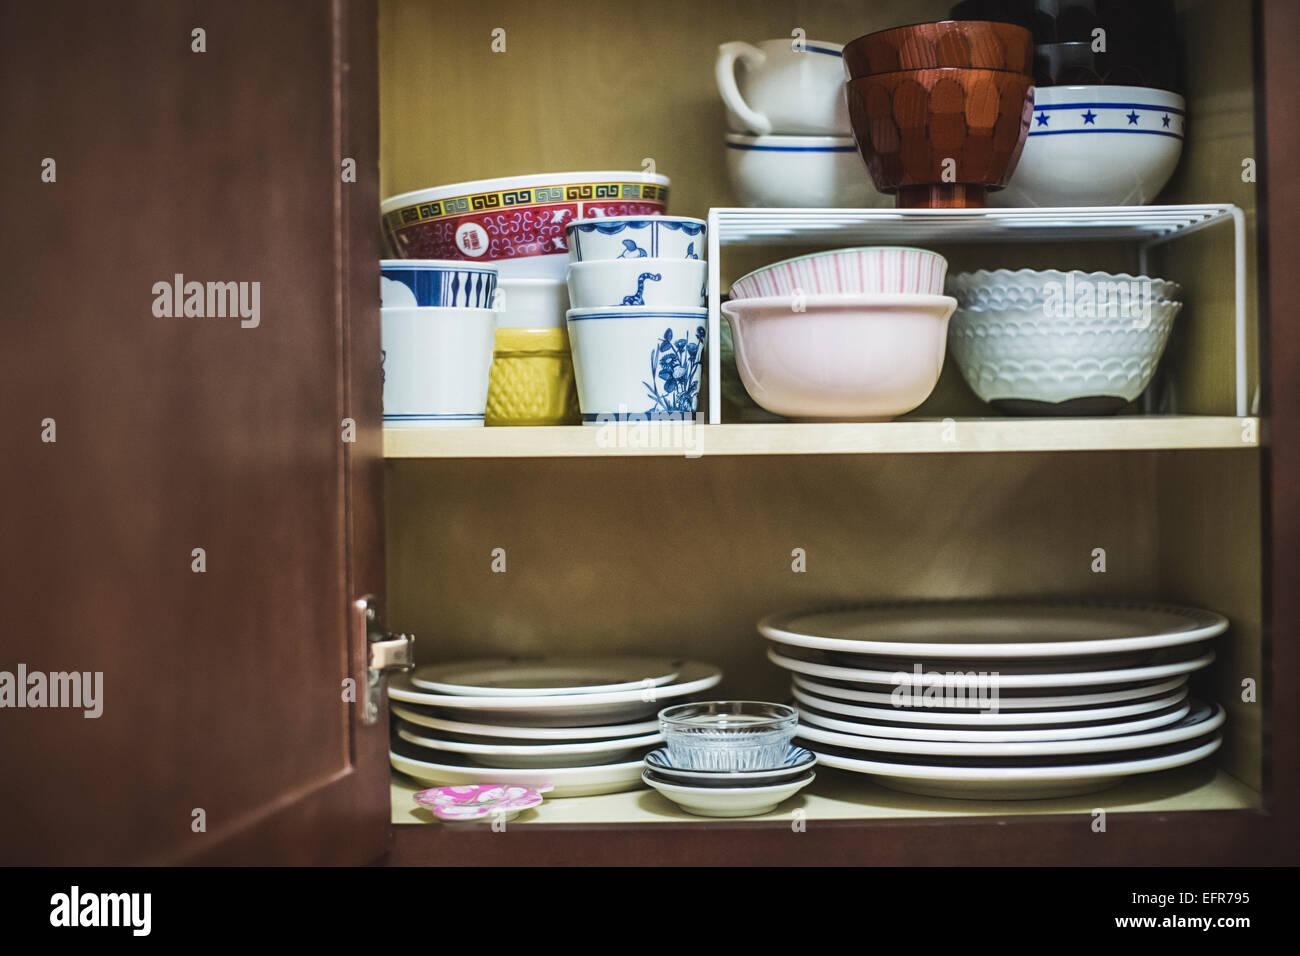 Offenen Schrank Mit Geschirr Stockfotografie Alamy